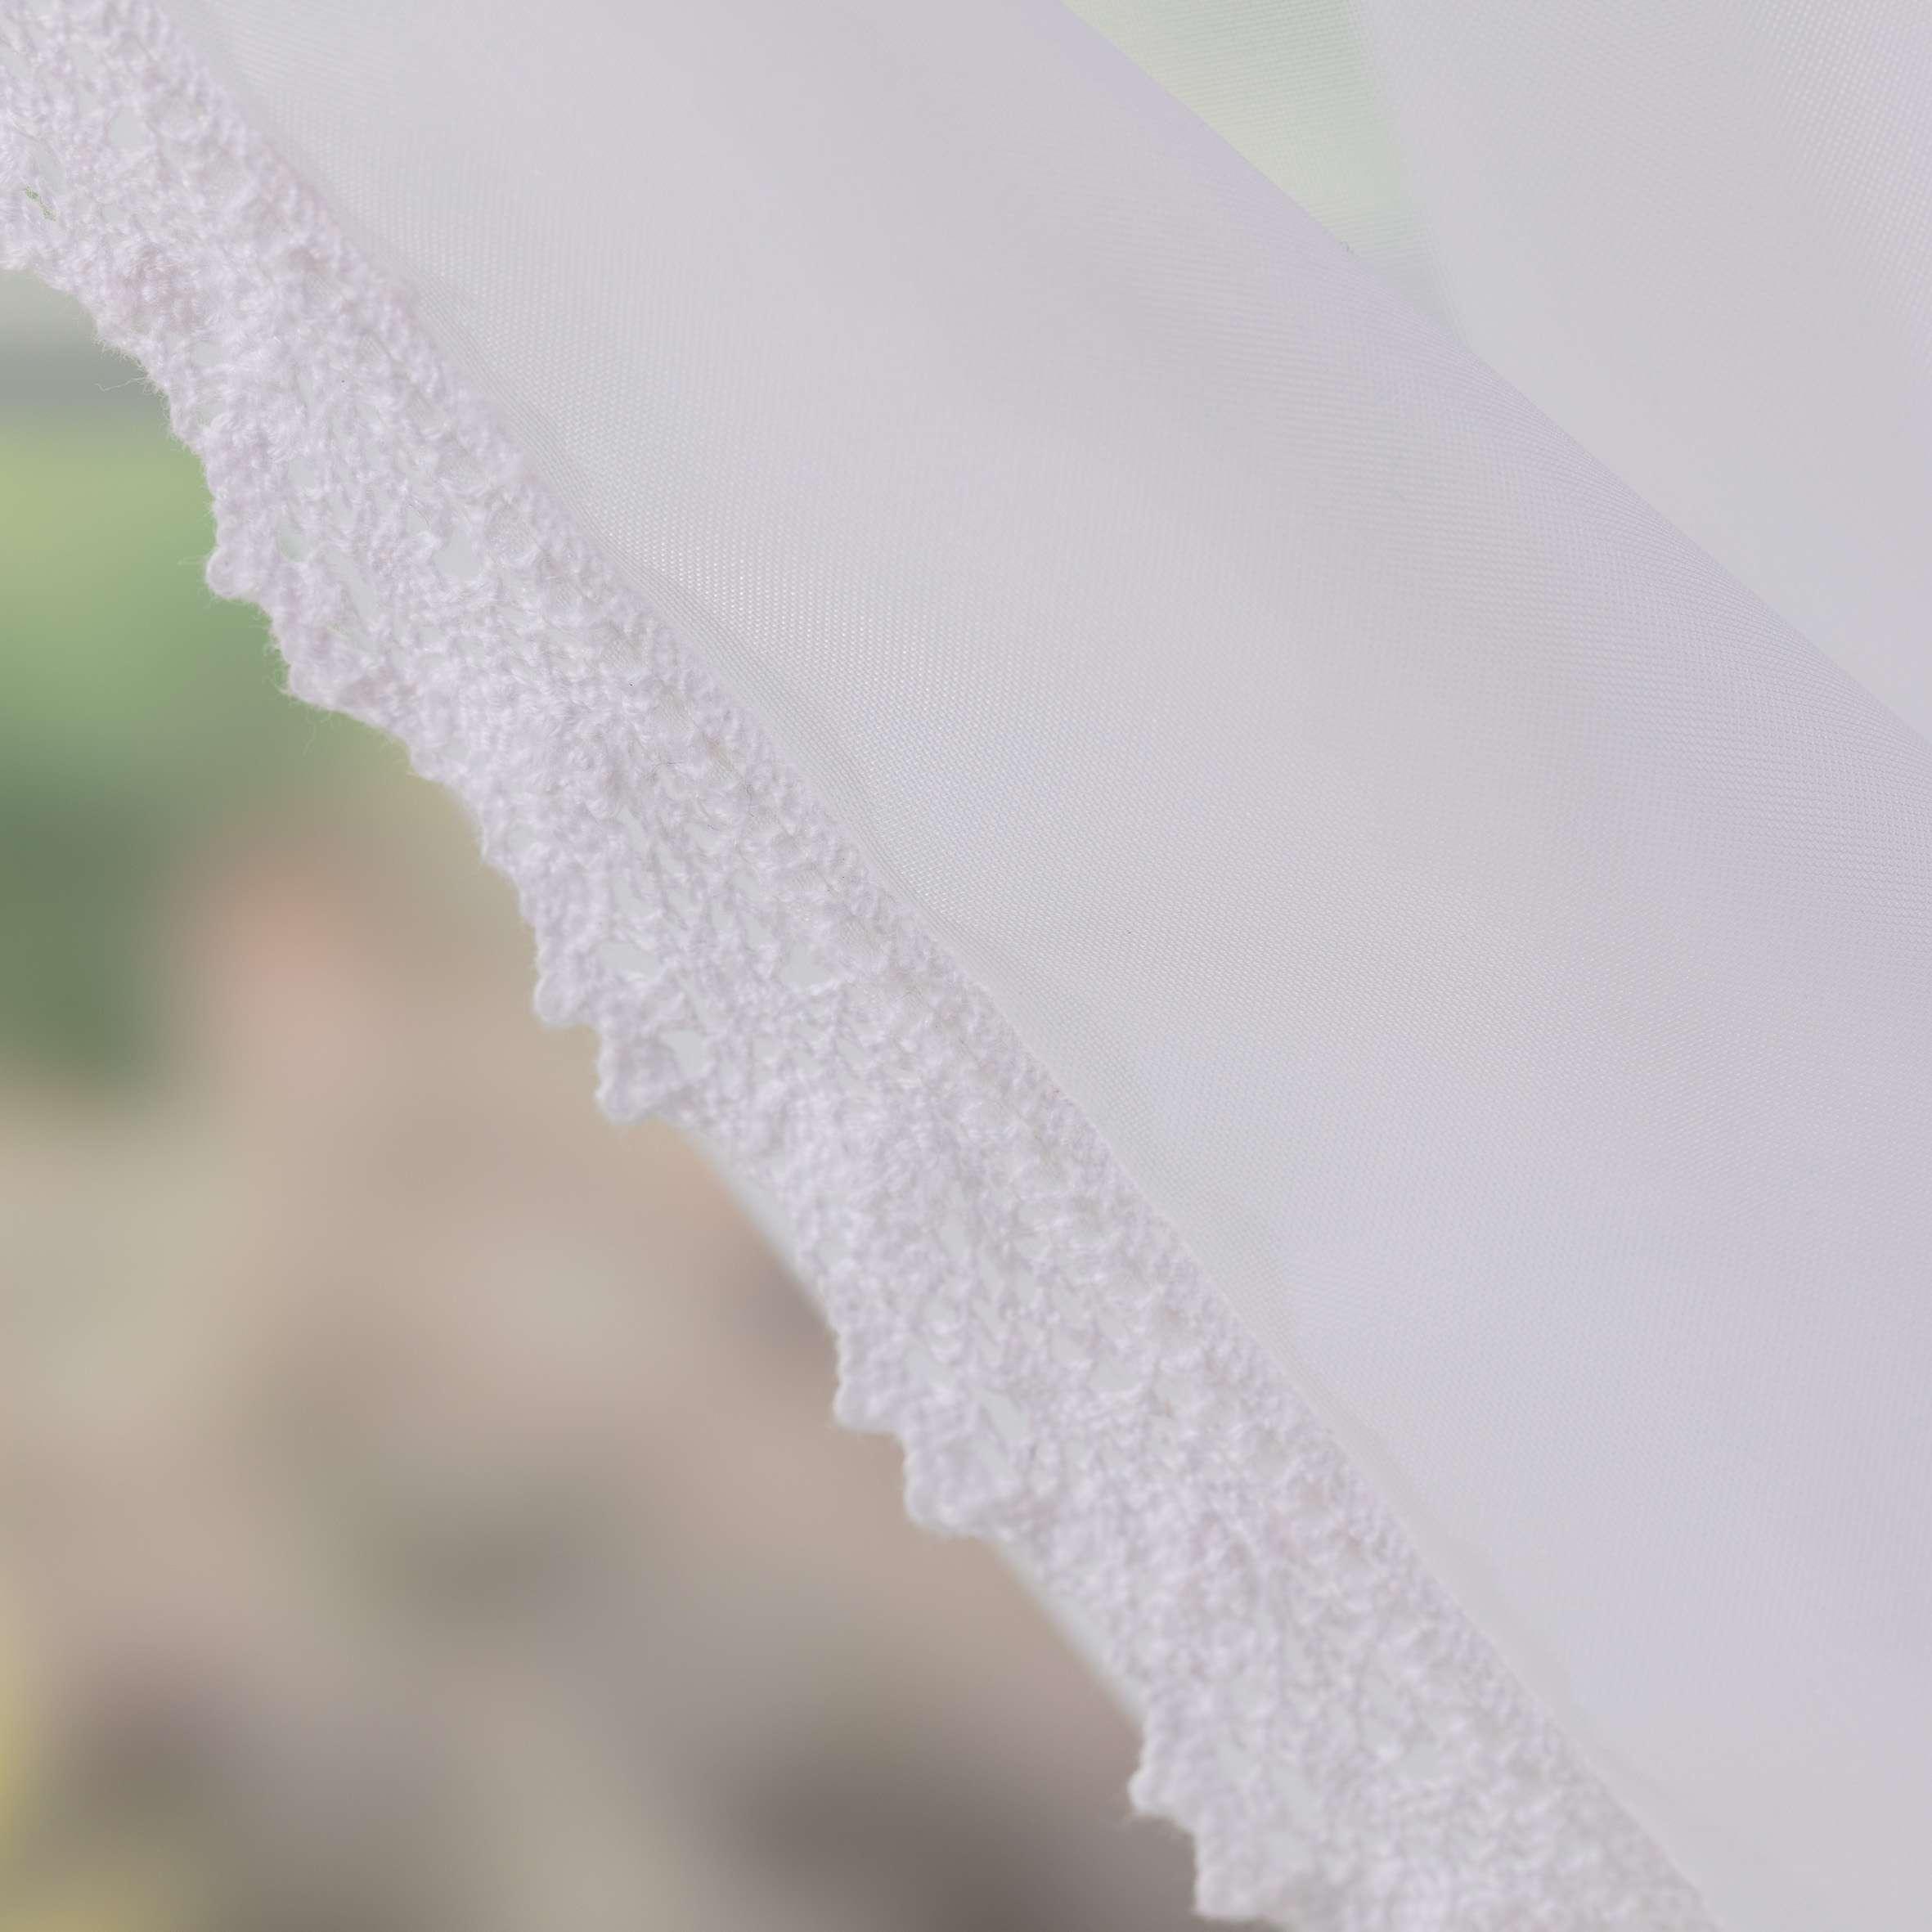 Záclony Lily 2 ks s krajkou, krátké  140x150 cm v kolekci Voile - Voál, látka: 900-00